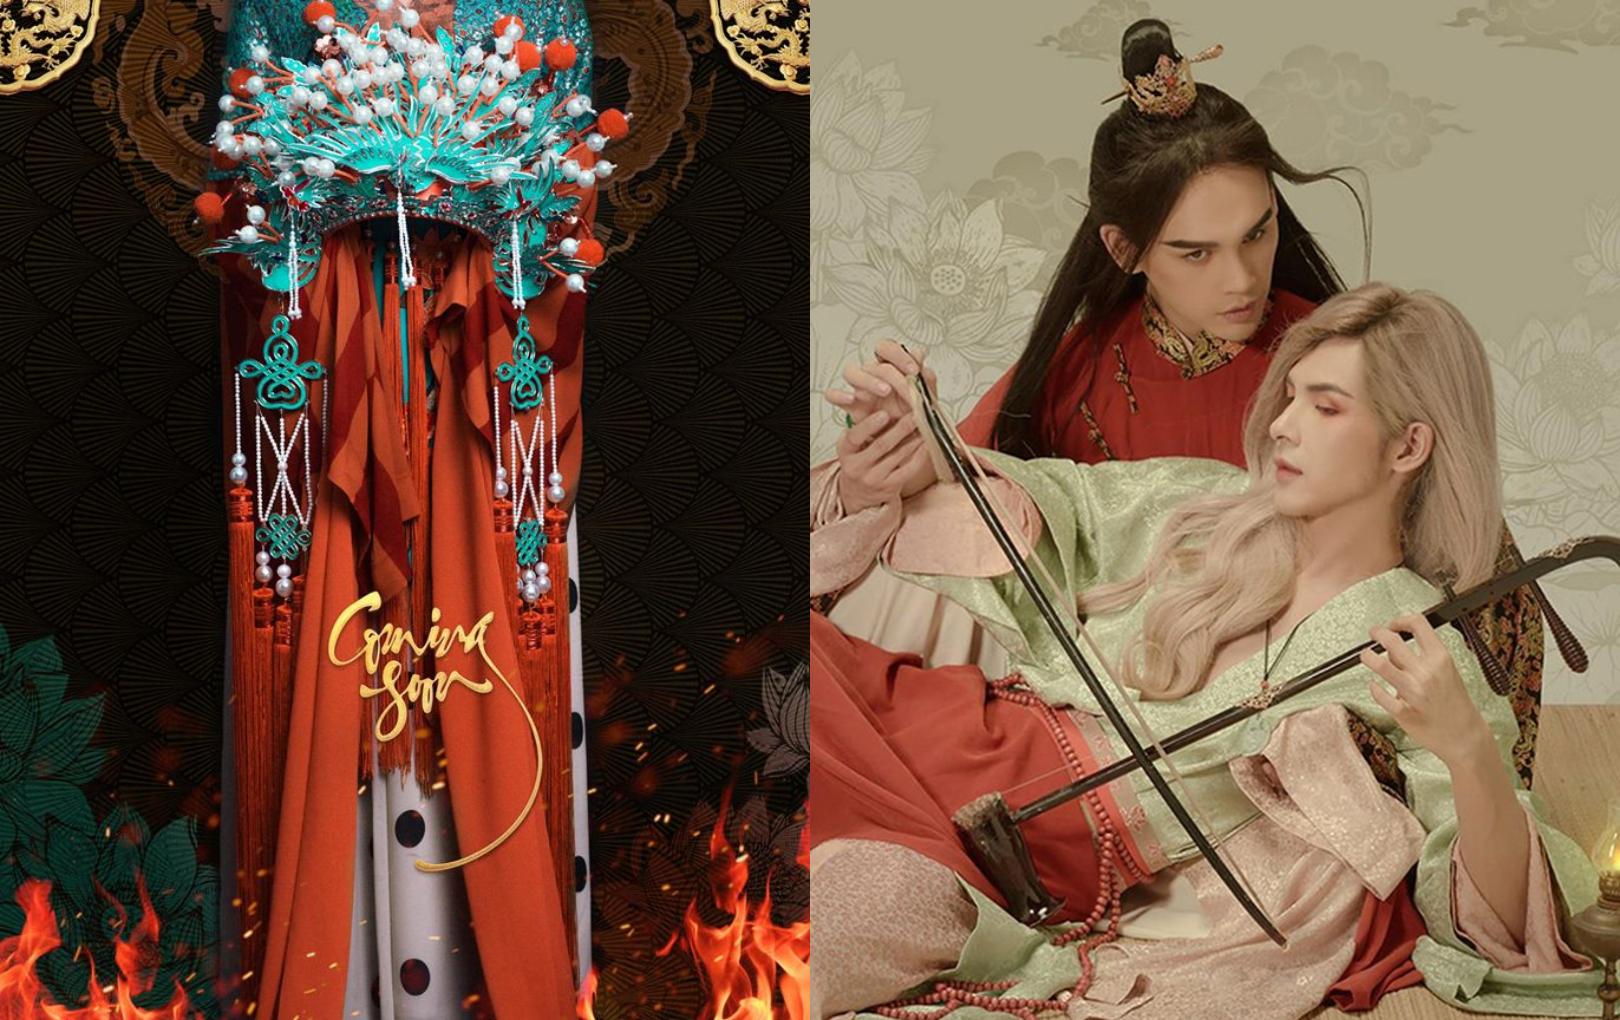 """Denis Đặng """"thả thính"""" về """"Tự tâm 3"""", dự đoán sẽ hợp tác cùng Orange, rapper Khói và cả Hương Giang?"""